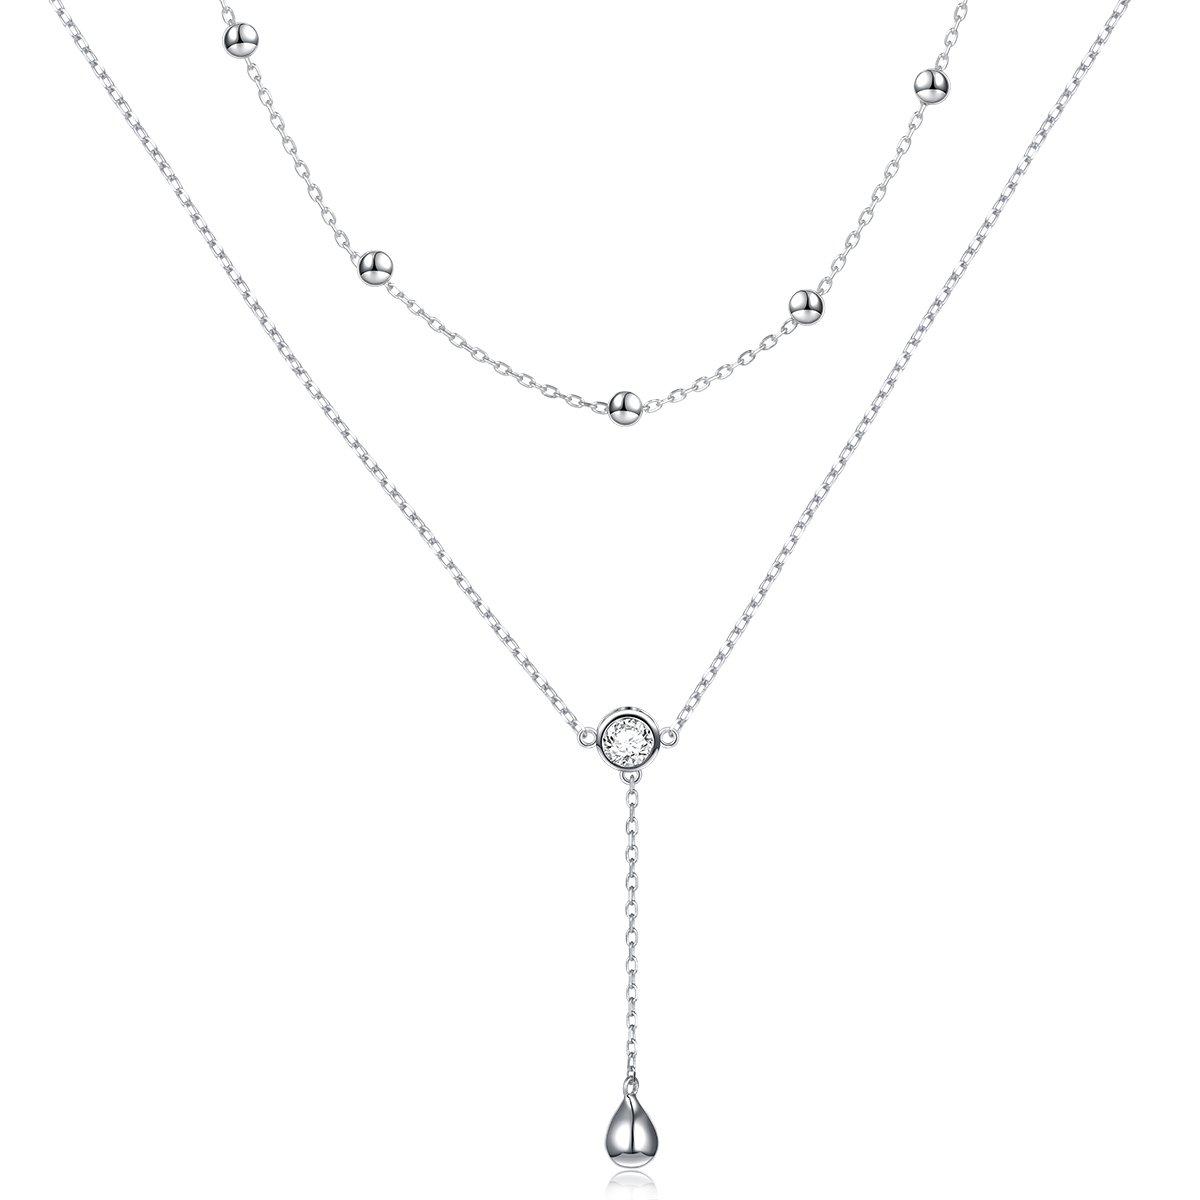 DAOCHONG Sterling Silber Träne Doppelt geschichtete Halskette Y Kette Halskette für Frauen Mädchen DAOCHONG Fine Jewelry Y-9